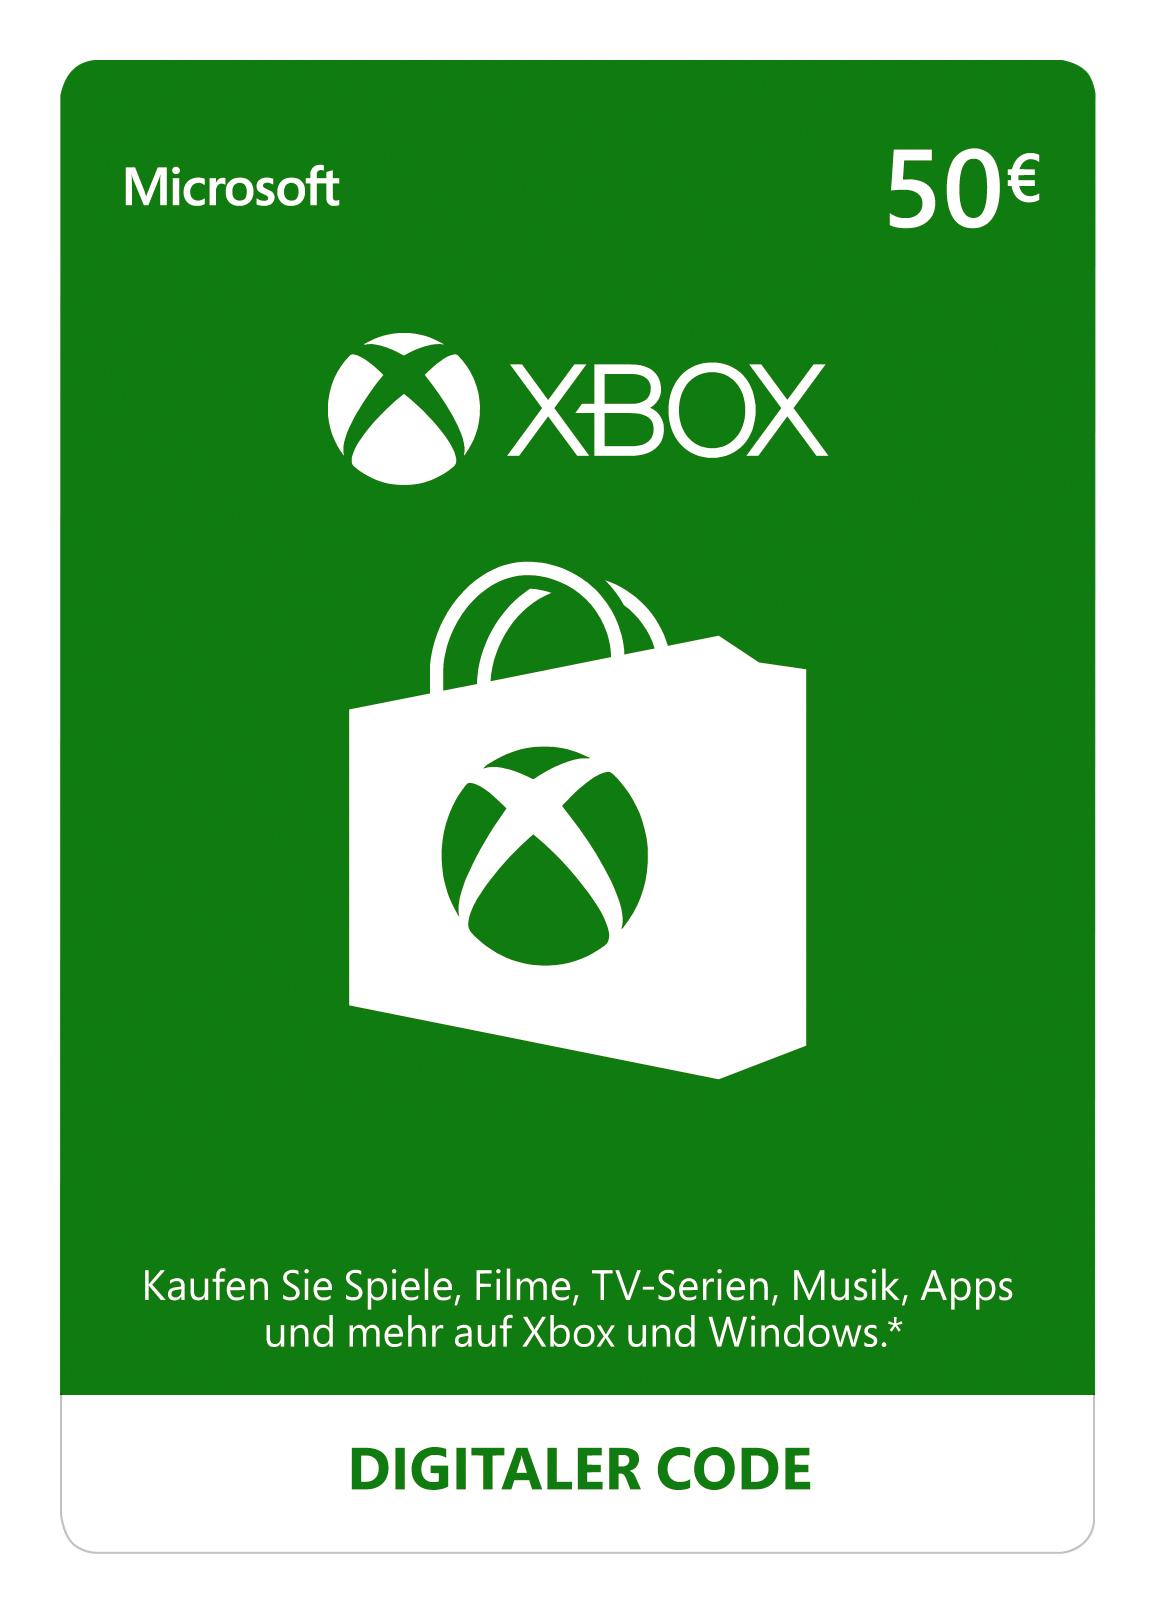 xbox-live-50-eur-guthaben-xbox-live-online-code